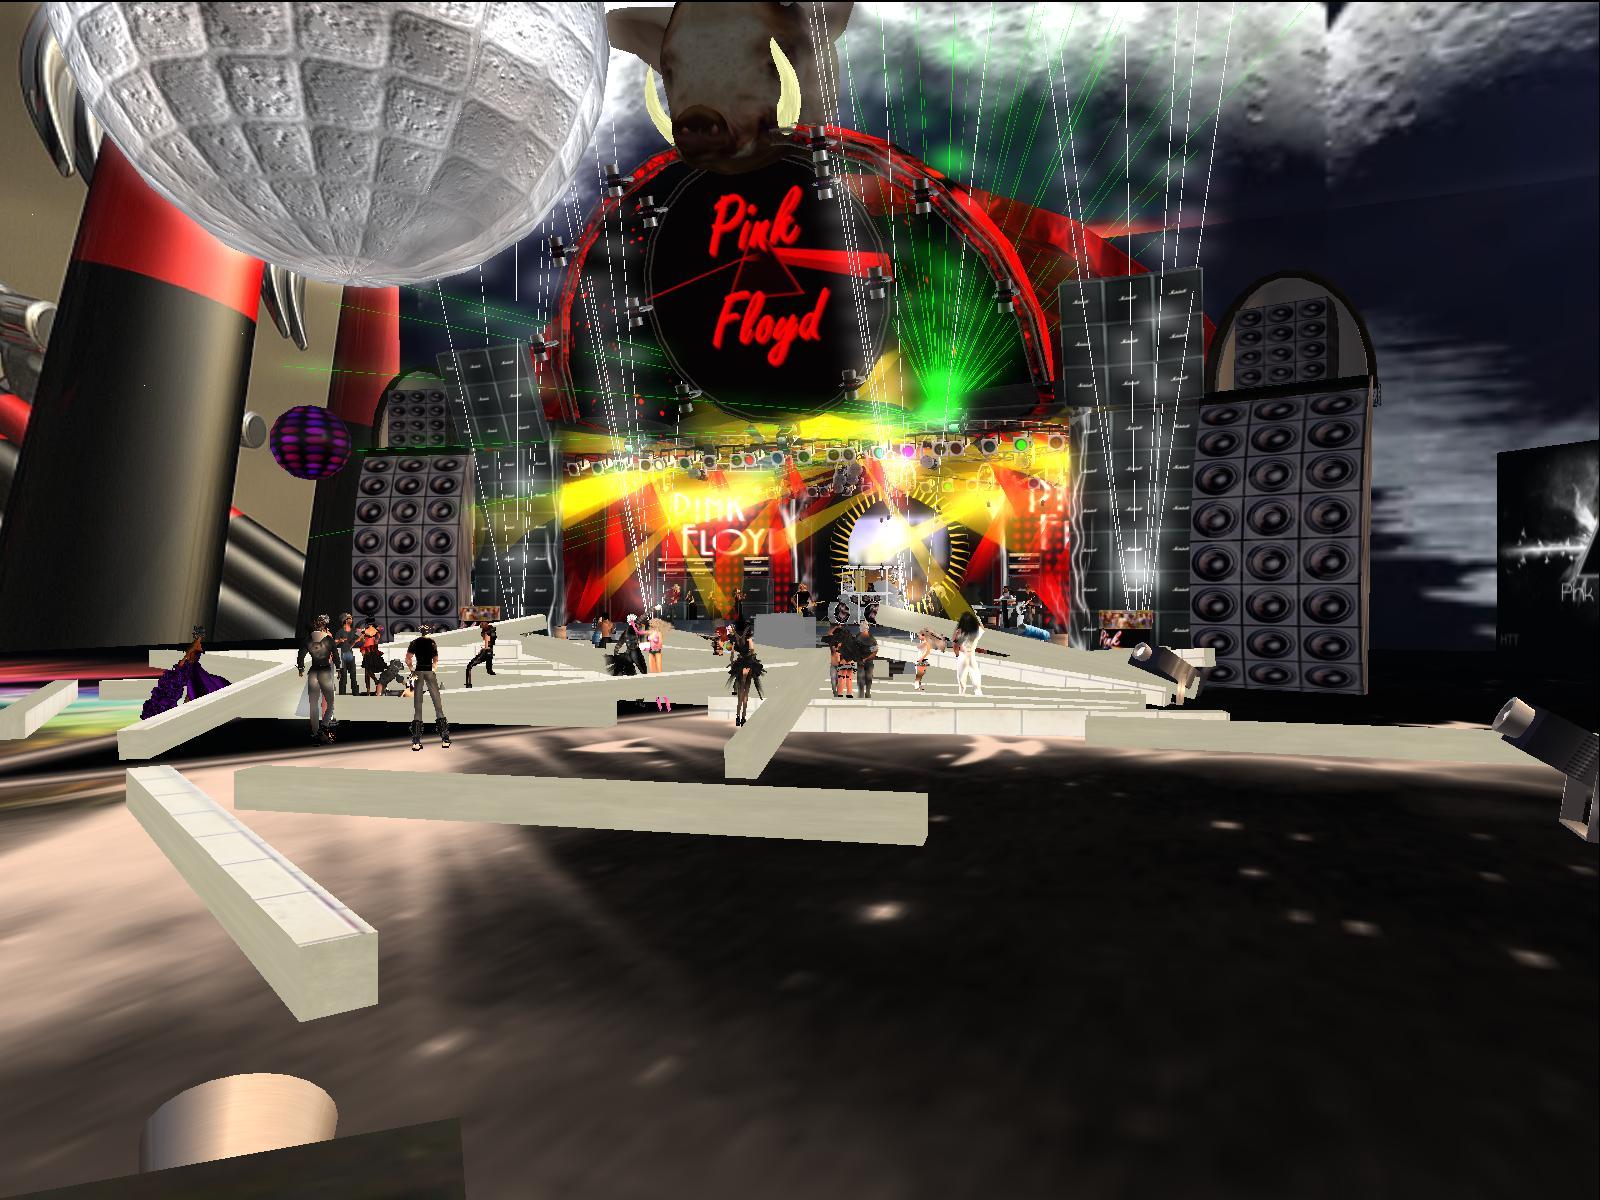 http://2.bp.blogspot.com/_CkCIq5-cs7k/TNcGHLyxVjI/AAAAAAAABd4/s-4iv_ocOaw/s1600/Pink+floyd+Concert_002.jpg